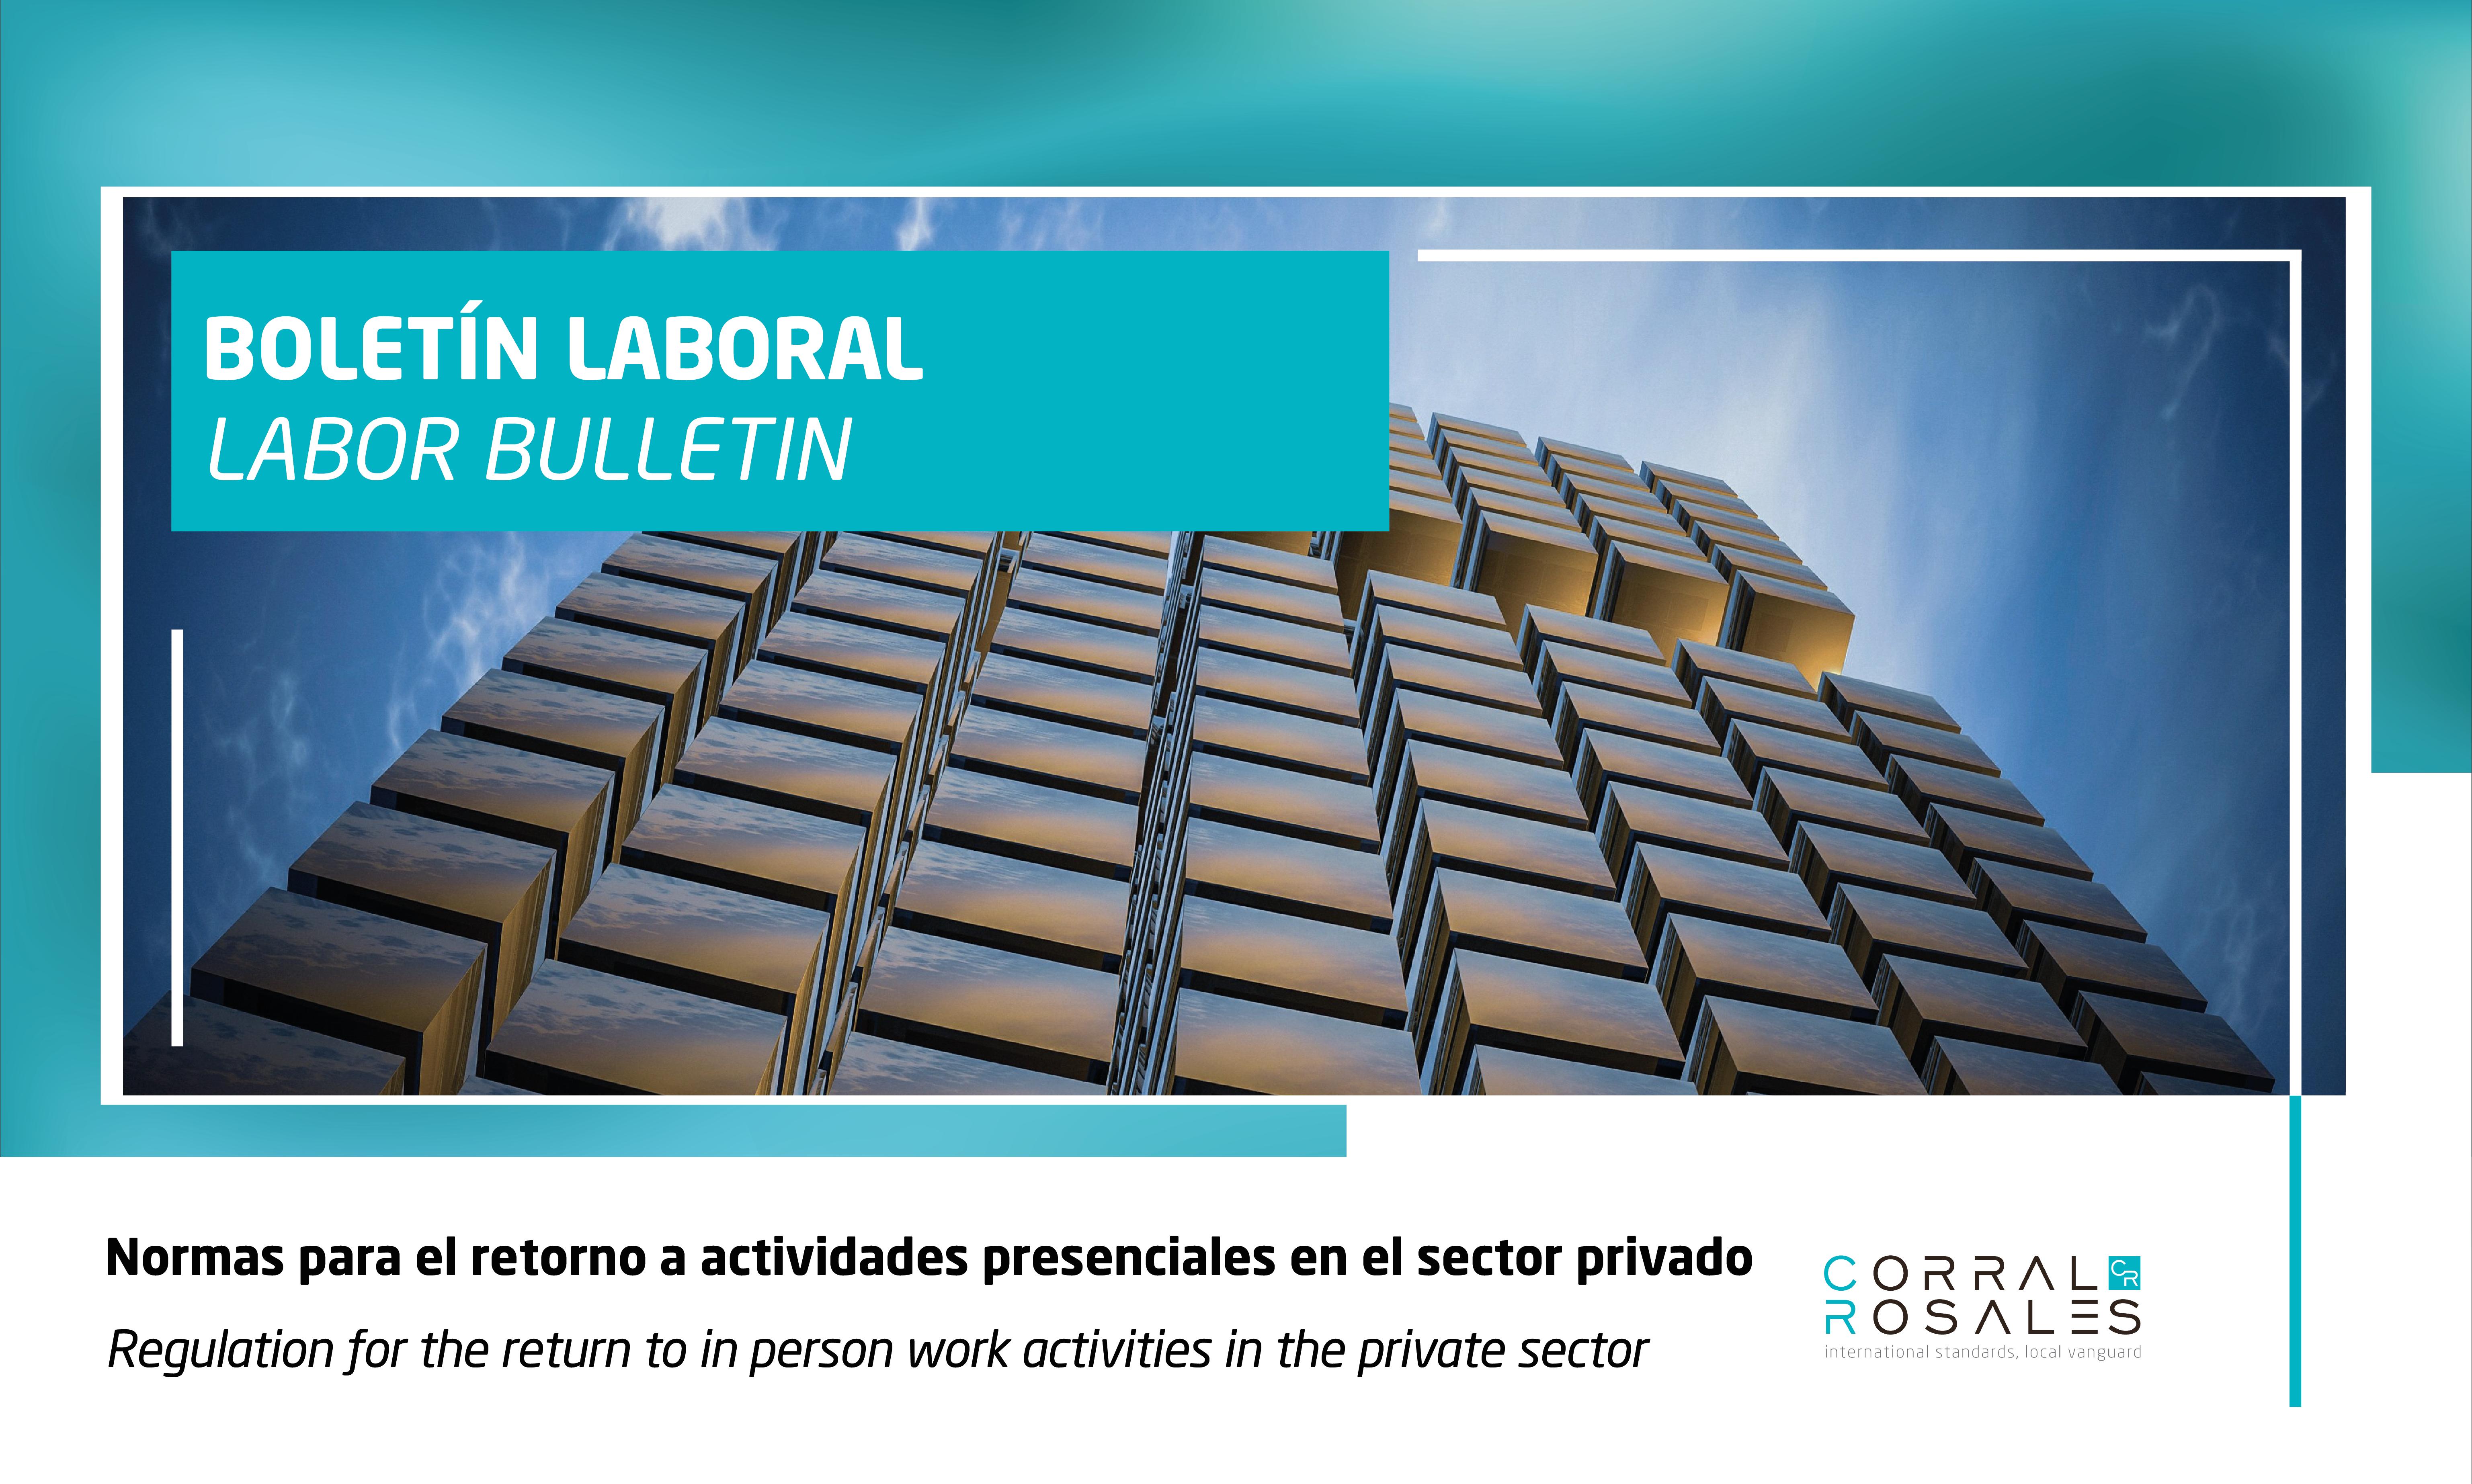 Normas para el retorno a actividades presenciales del sector privado - CorralRosales - Abogados en Ecuador